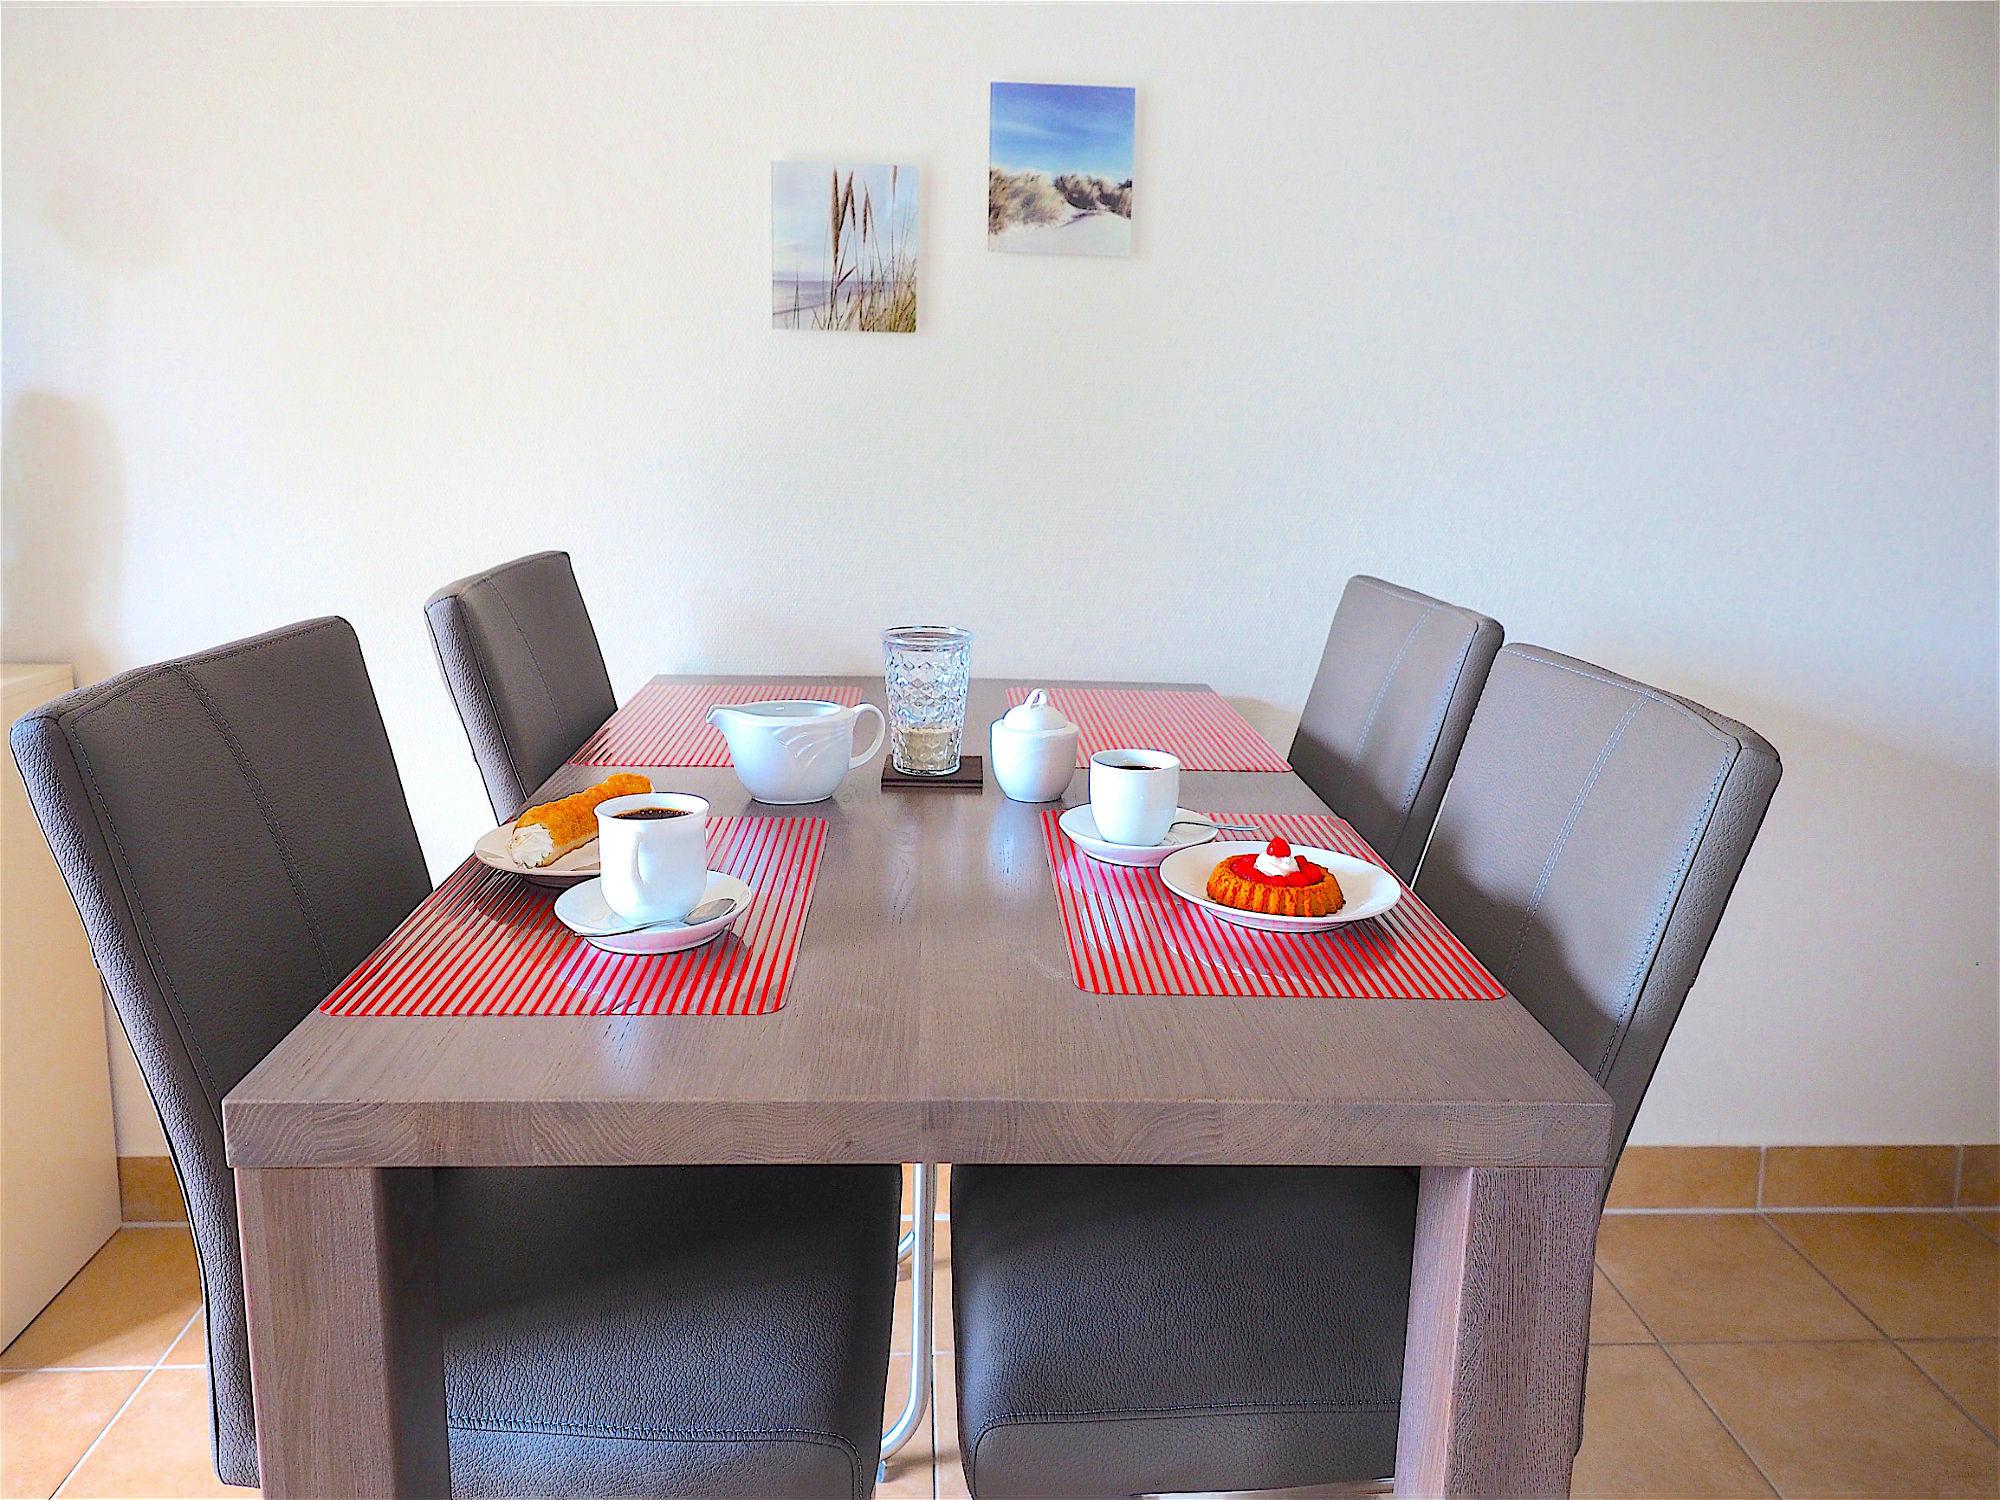 Esstisch mit 4 Stühlen und Dekoration